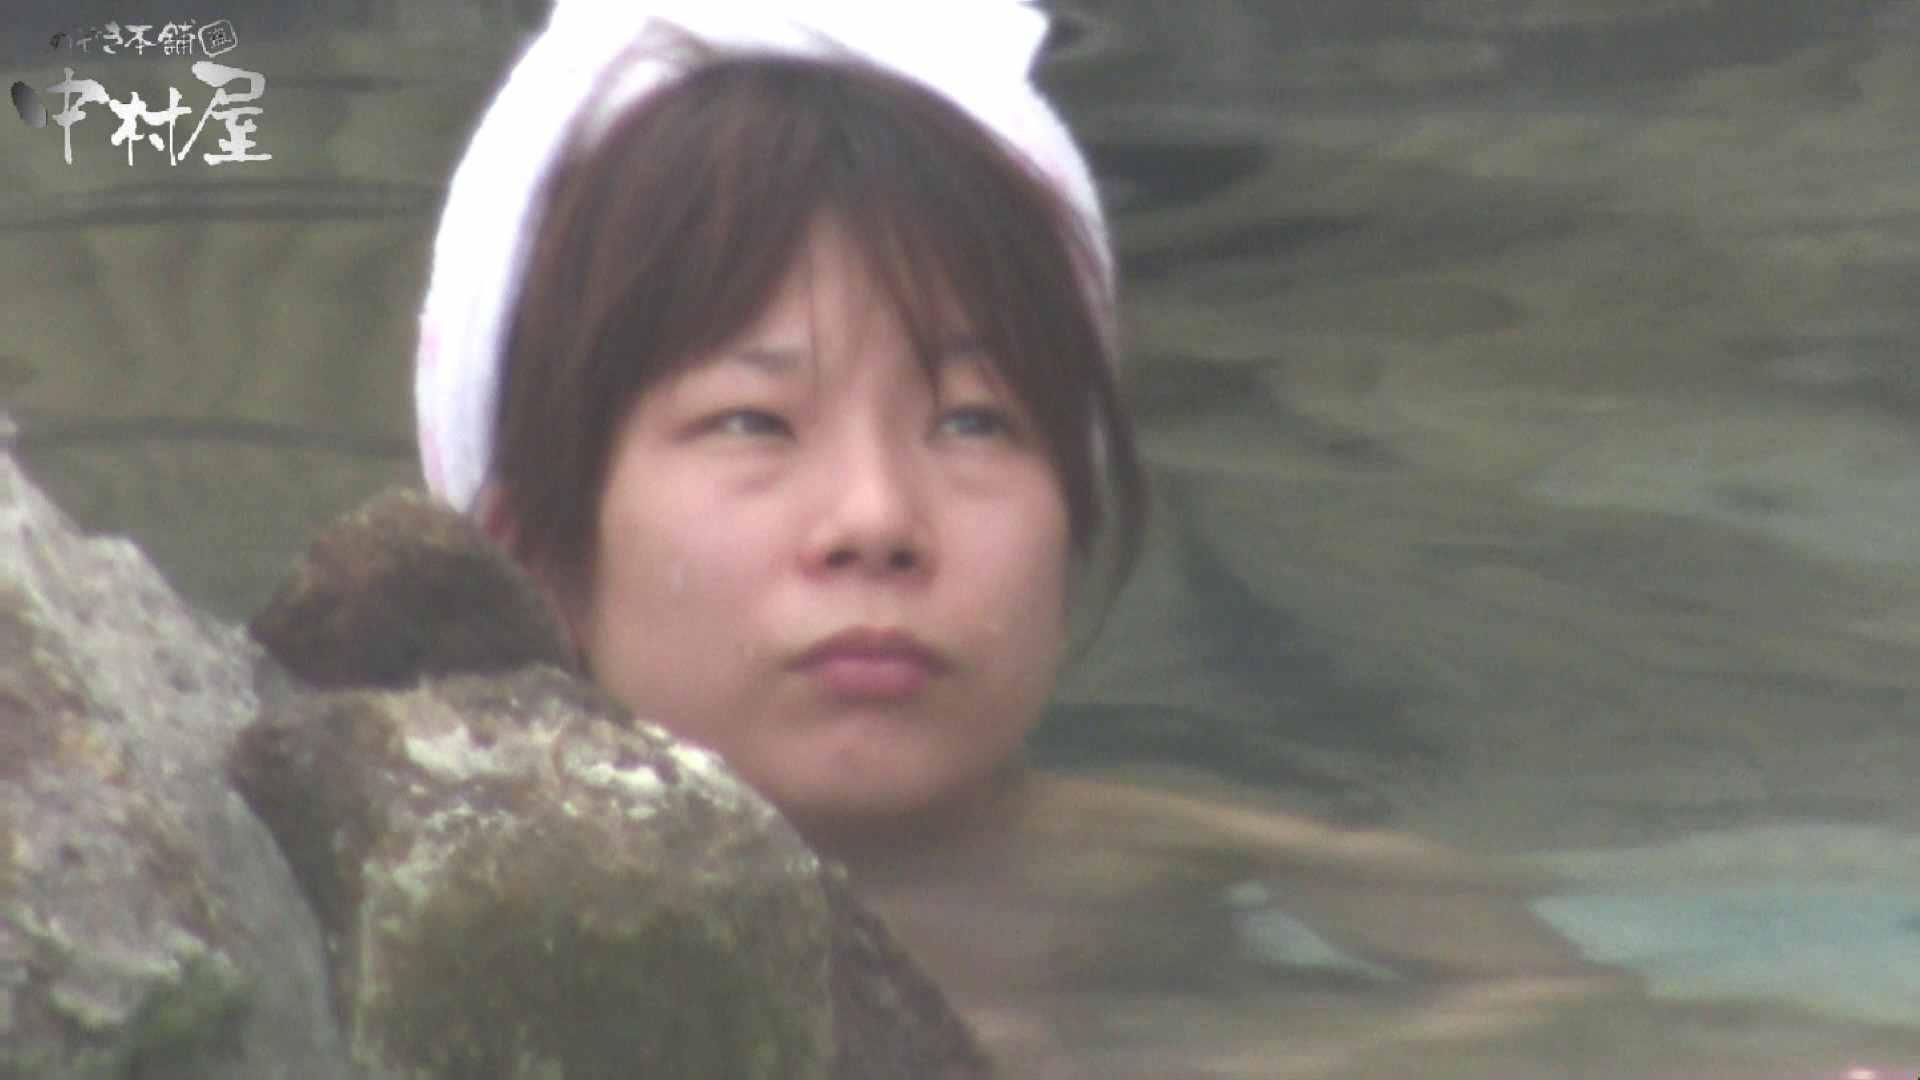 Aquaな露天風呂Vol.926 露天風呂 | 盗撮動画  10枚 9